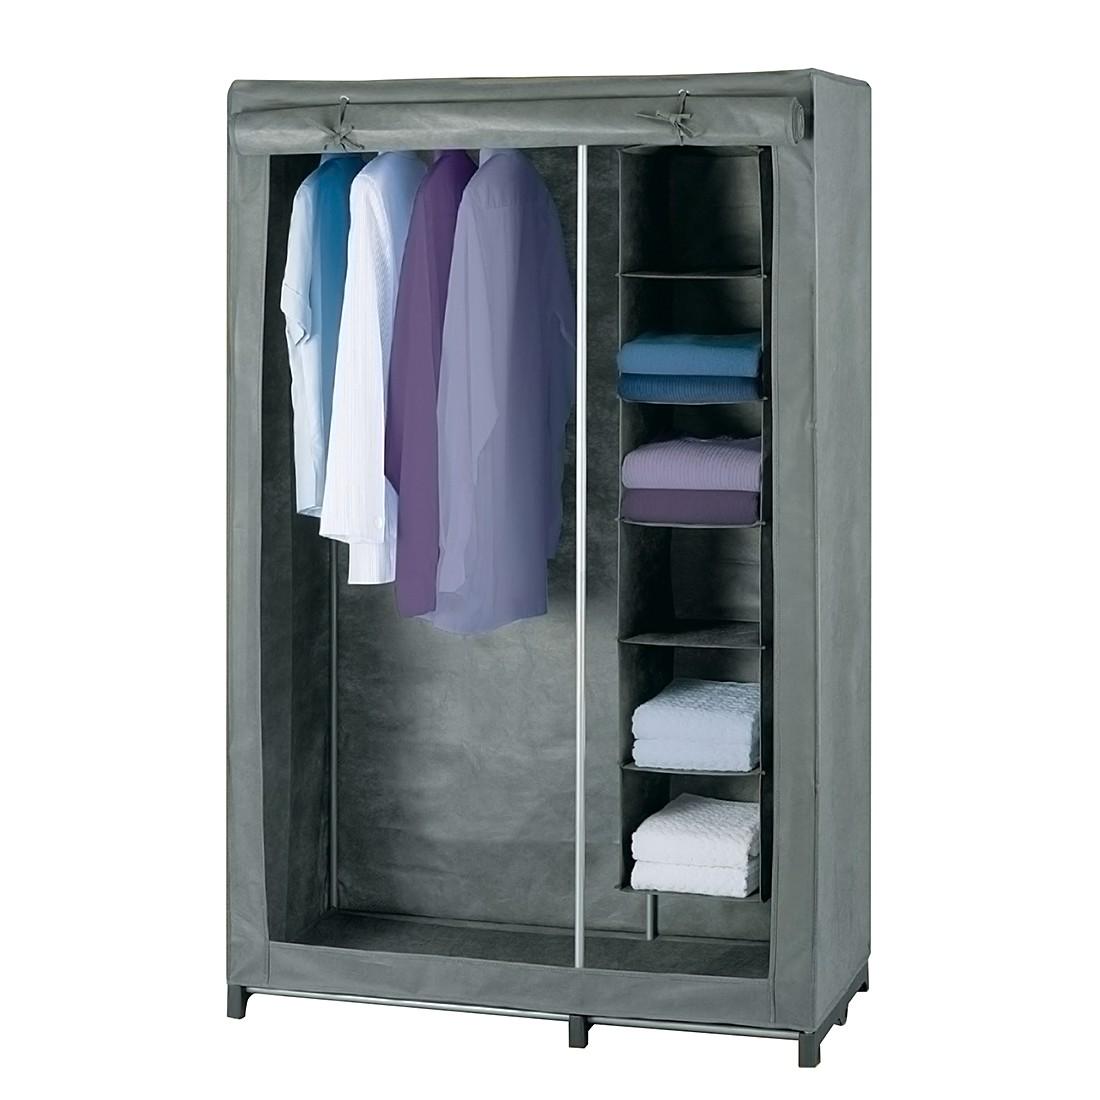 Kleiderschrank mit Wäschesortierer - Grau, Wenko